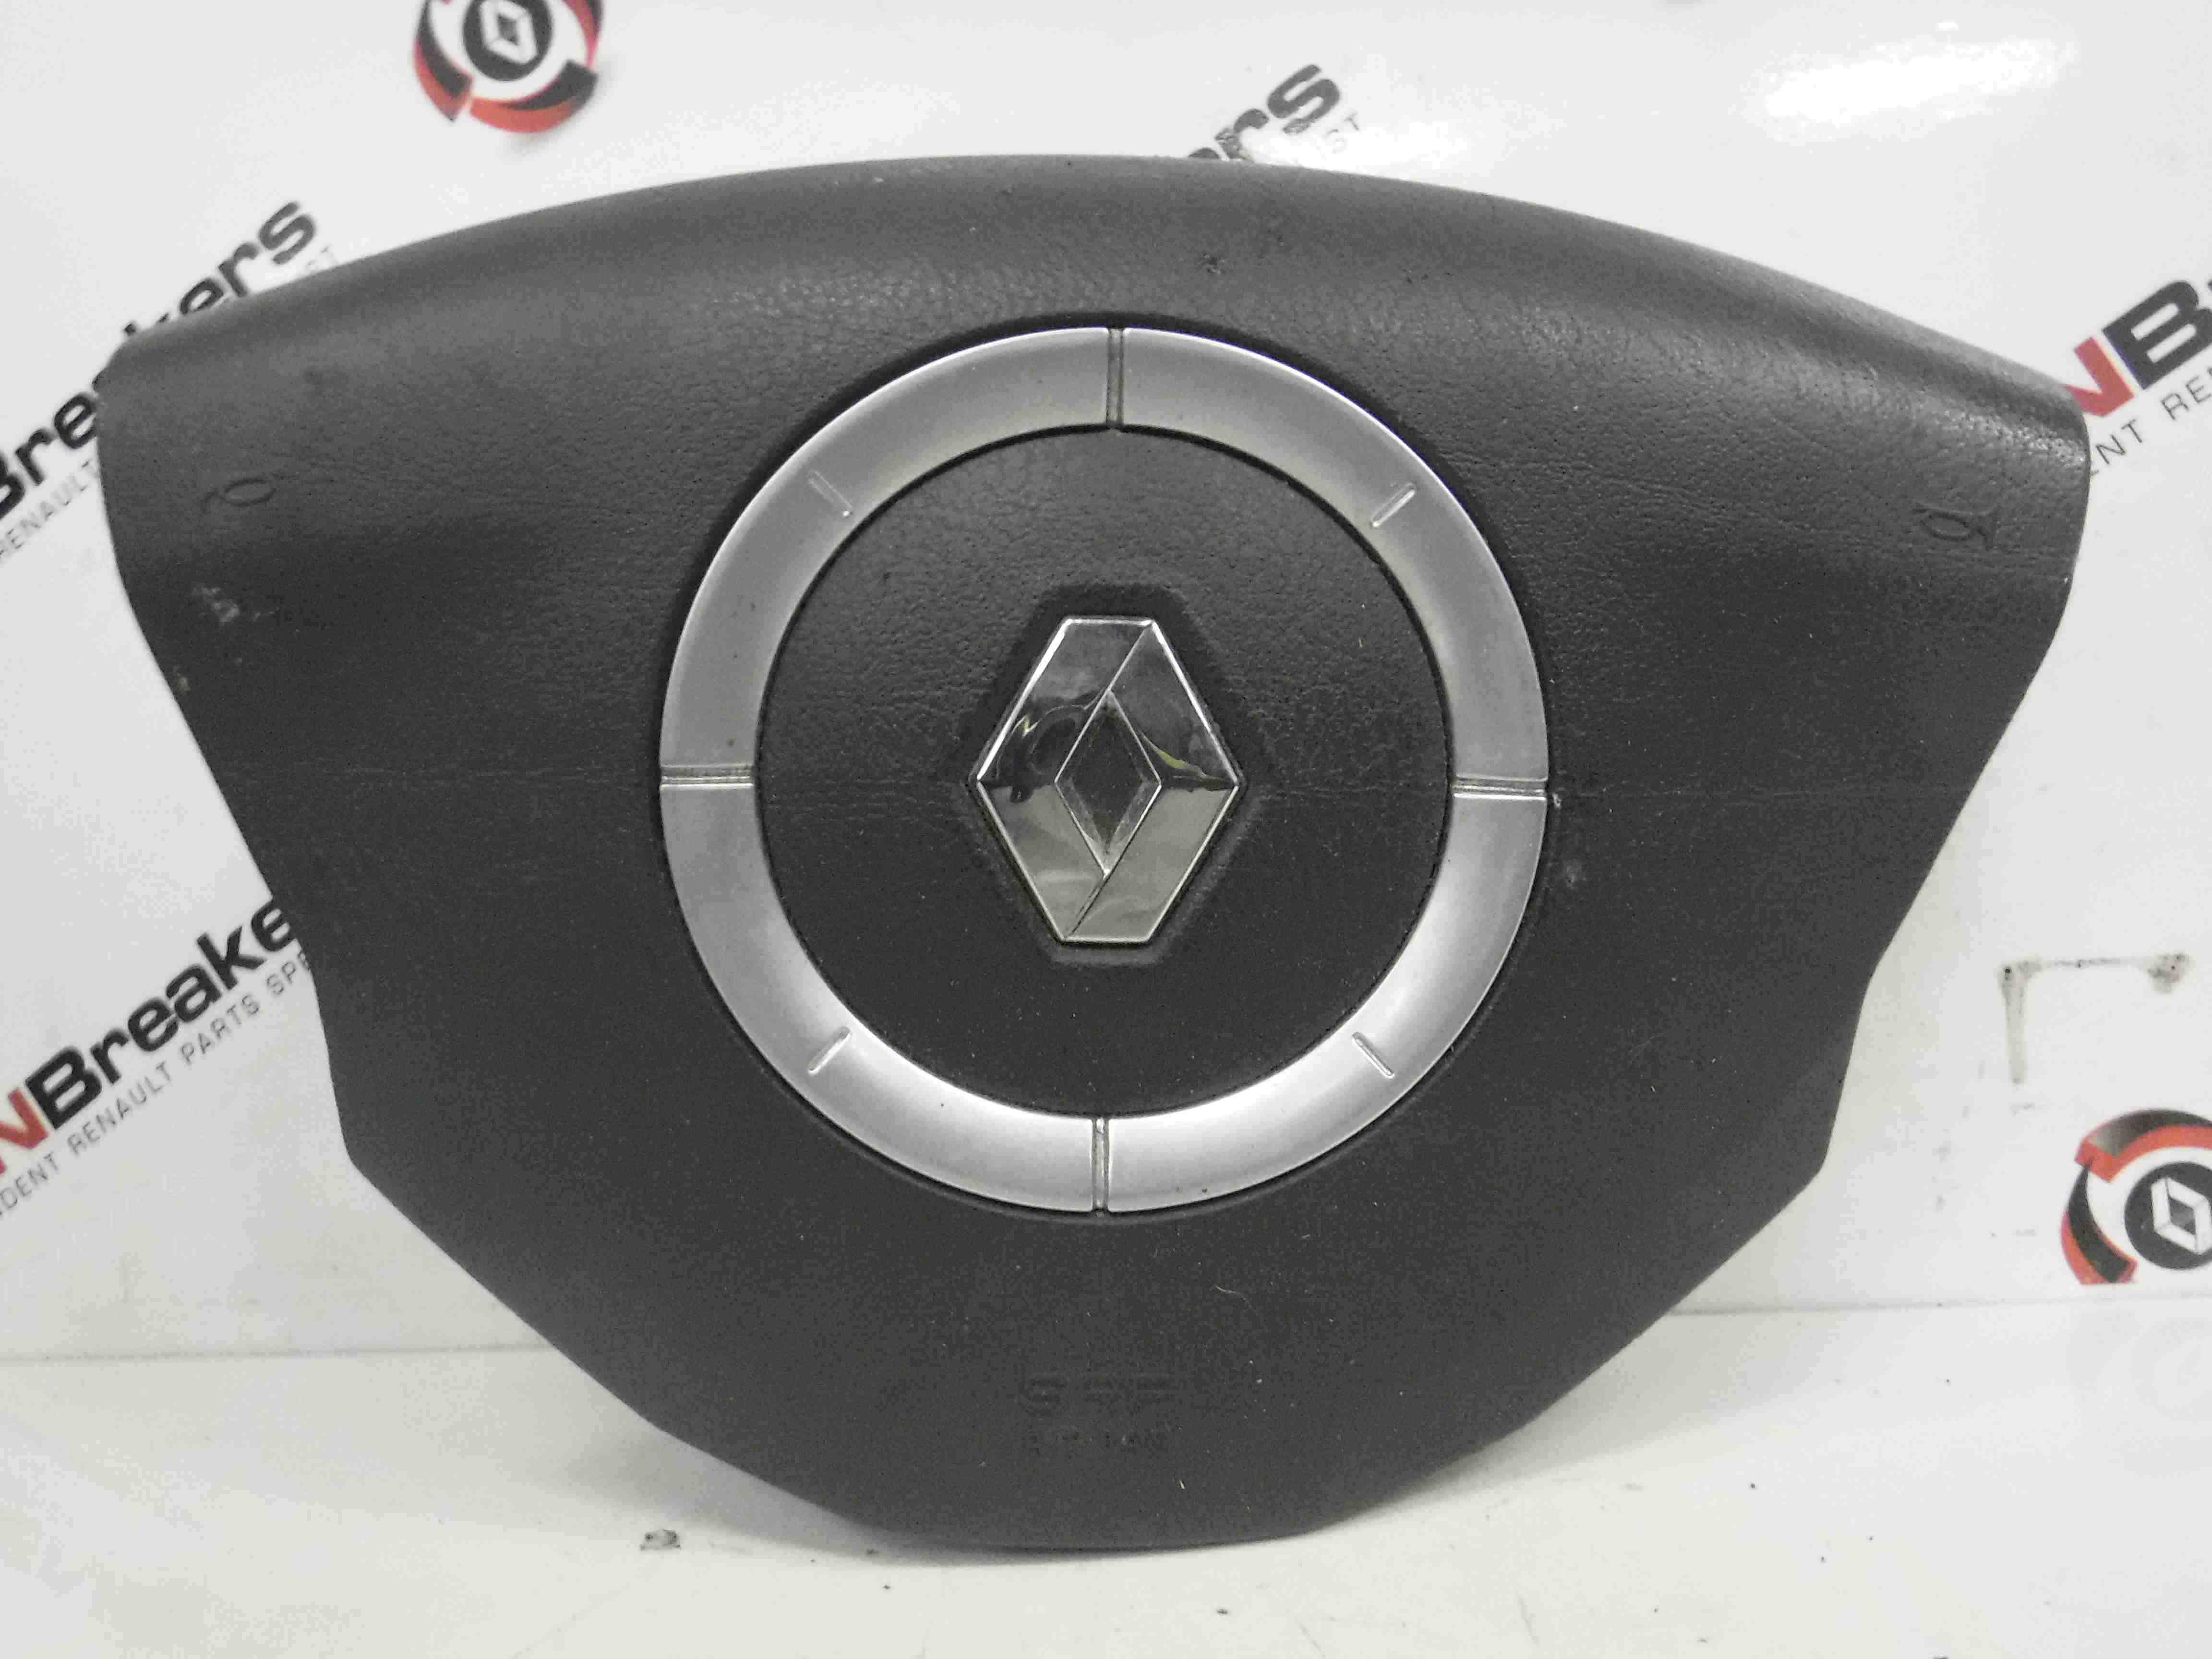 Renault Espace 2006-2013 Steering Wheel Airbag 8200284550 Cruise Control